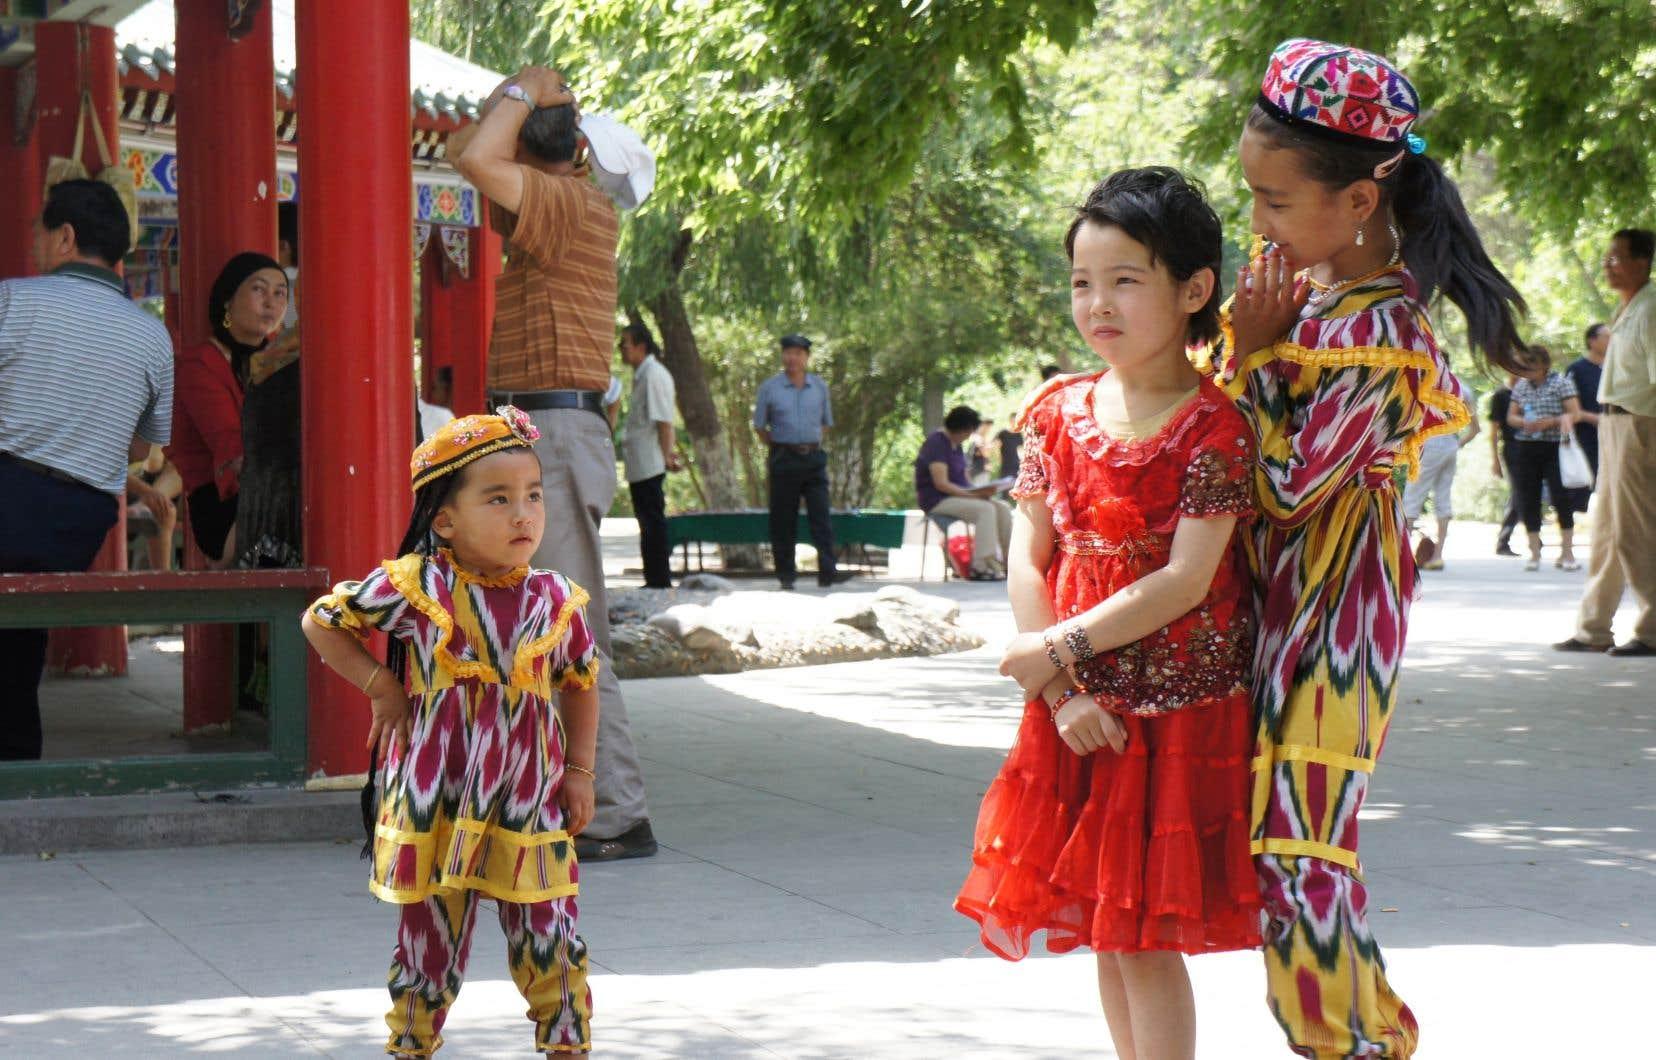 Les Ouïgours, principal groupe ethnique du Xinjiang, se sont vu interdire progressivement certaines de leurs traditions islamiques, mais aussi culinaires, vestimentaires et linguistiques.